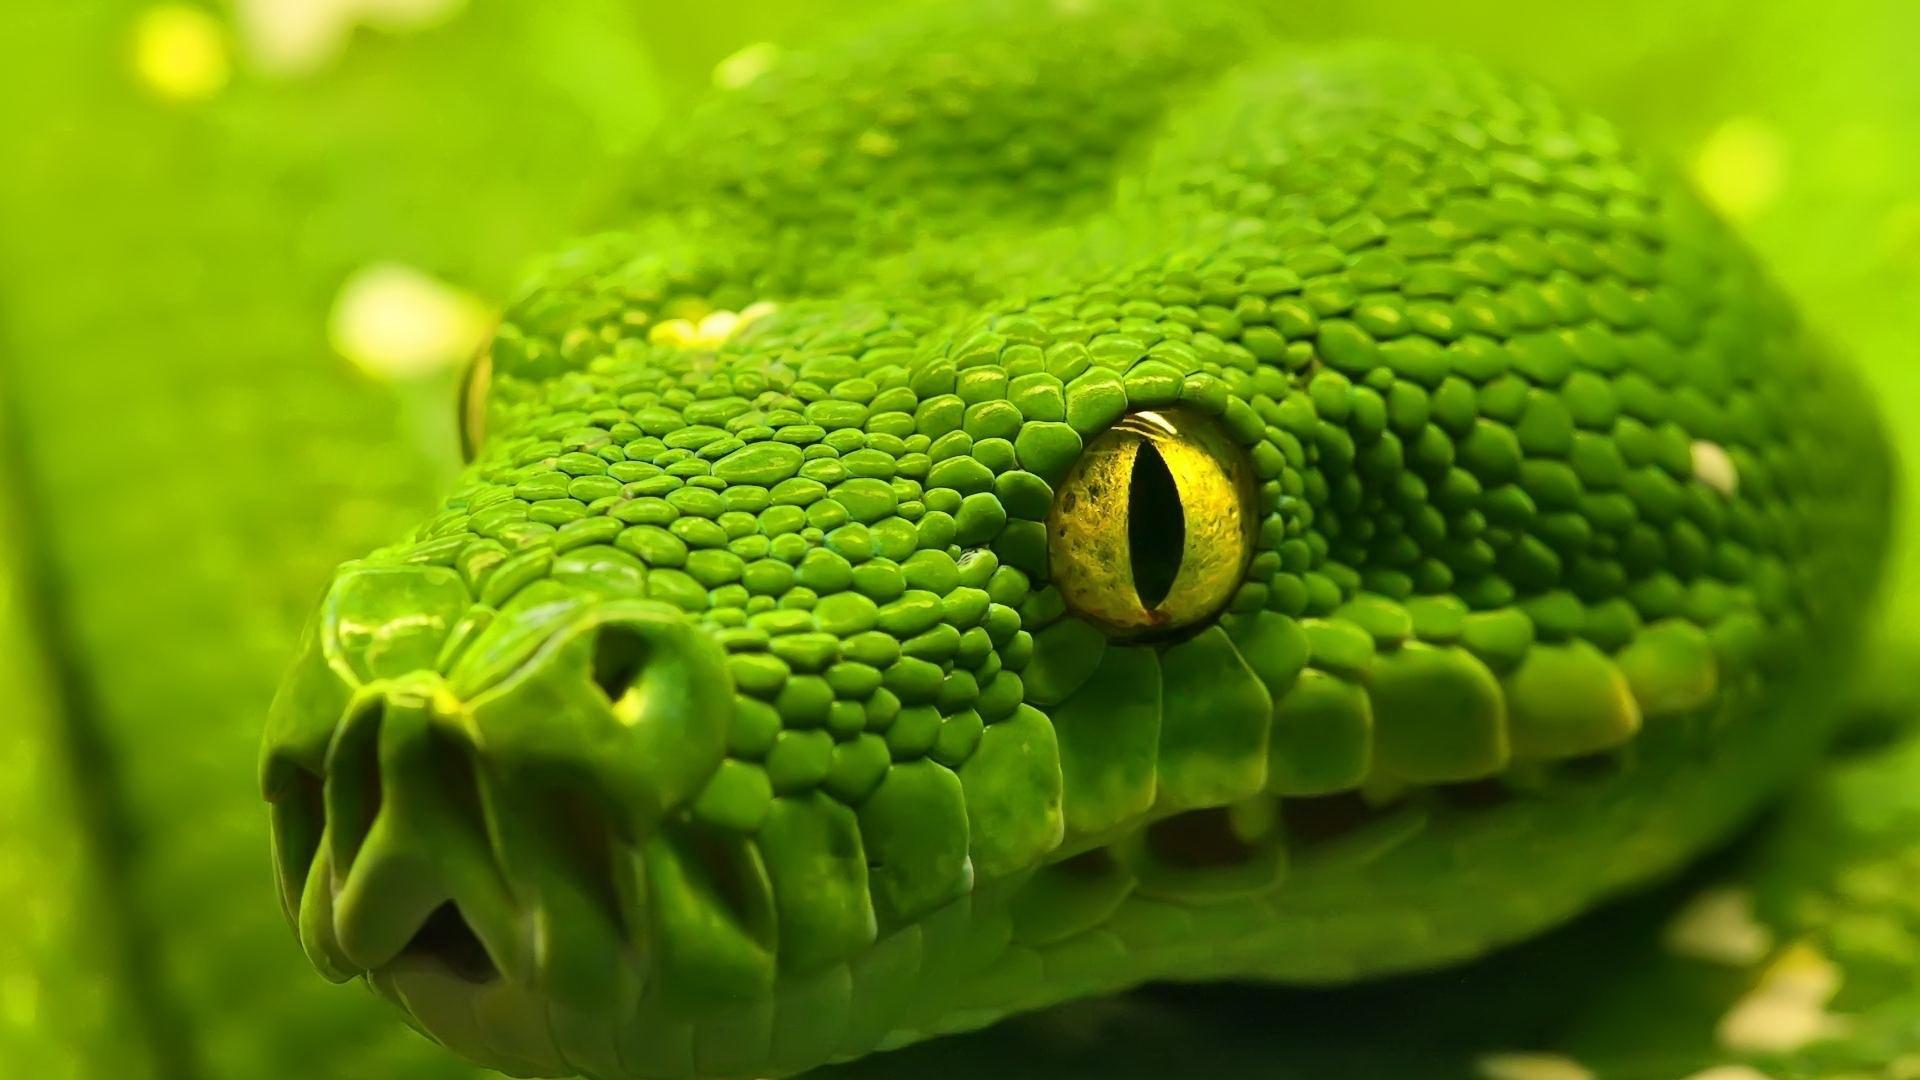 Укусы змей и пауков: первая помощь, и что нельзя делать при укусе